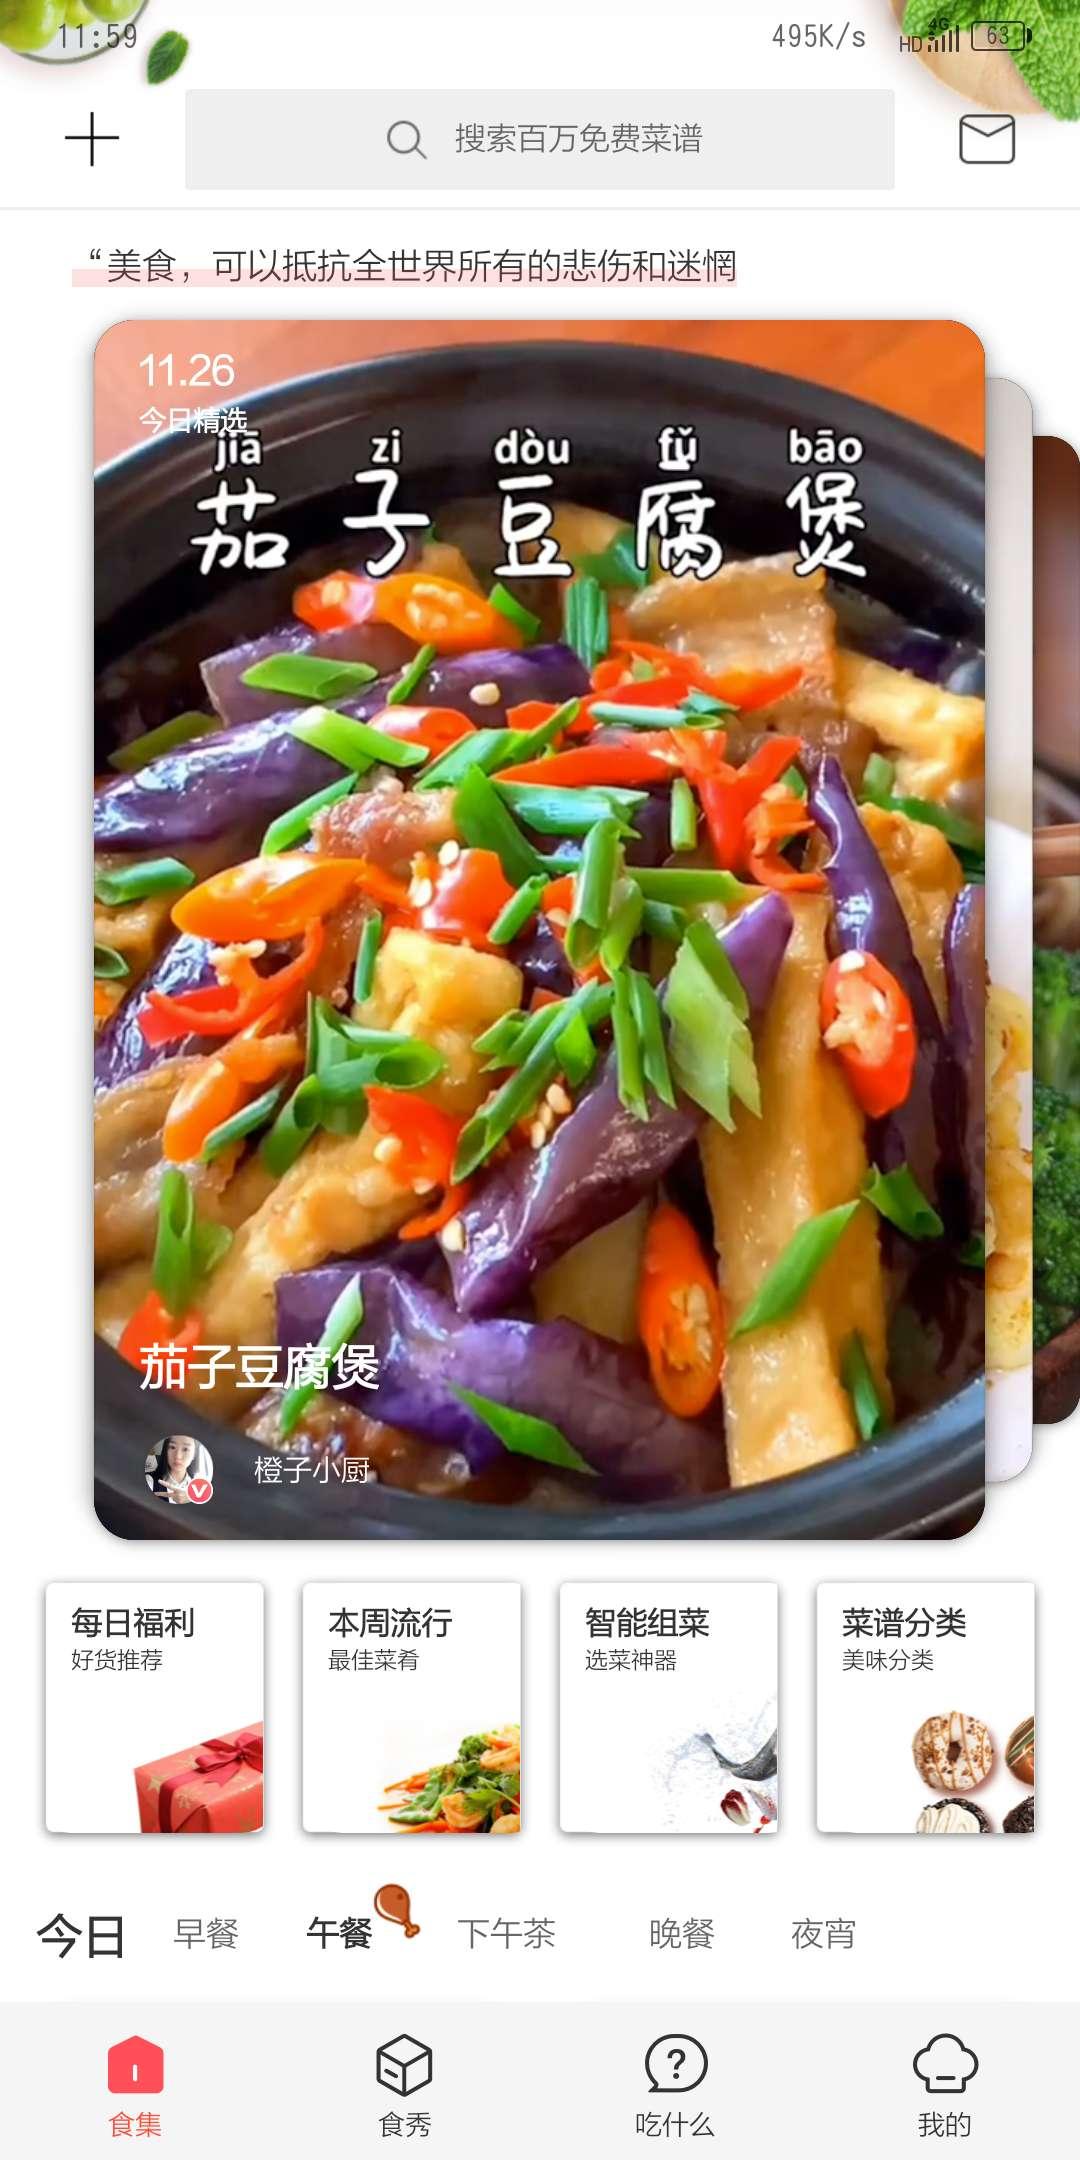 【原创软件】:美食杰去广告,菜谱,喜欢当厨师下载看看哦(^_^)